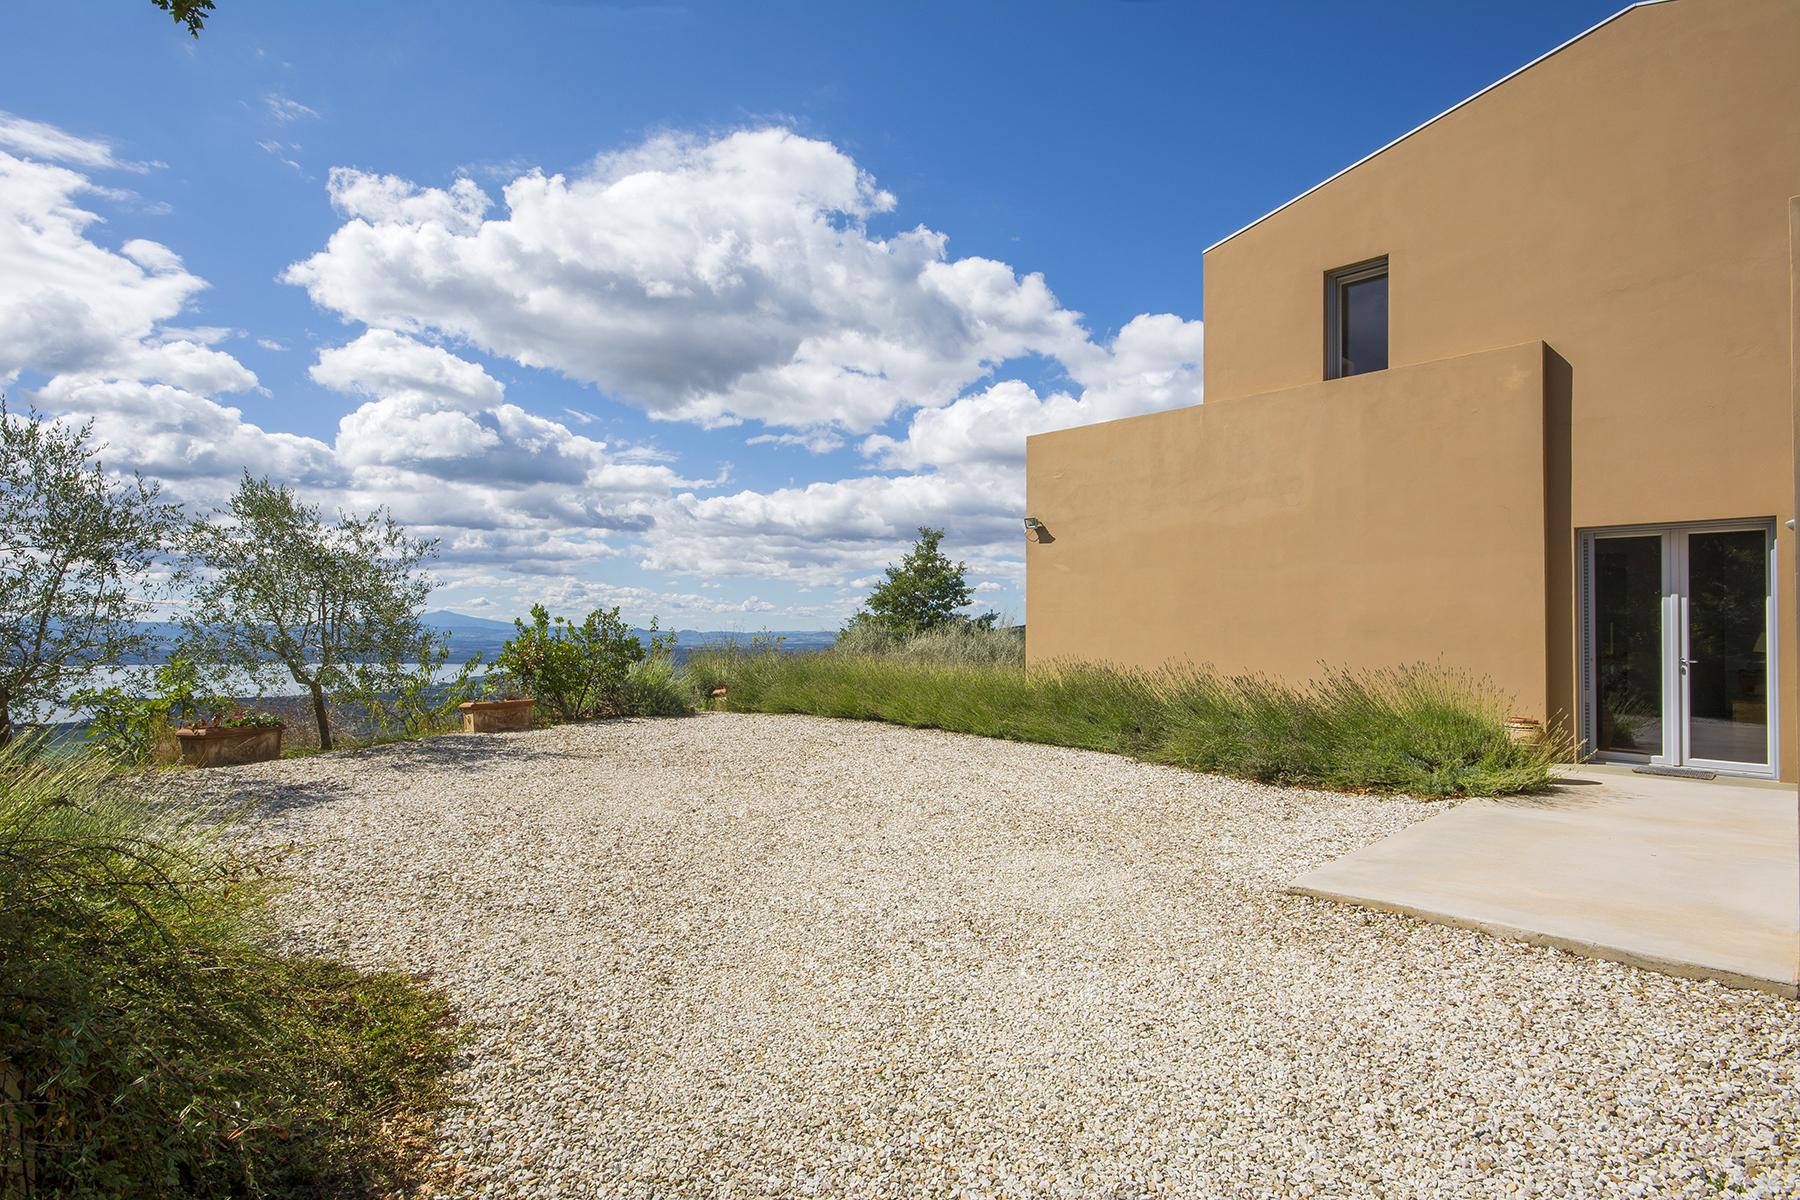 Casa indipendente in Vendita a Lisciano Niccone: 5 locali, 414 mq - Foto 5